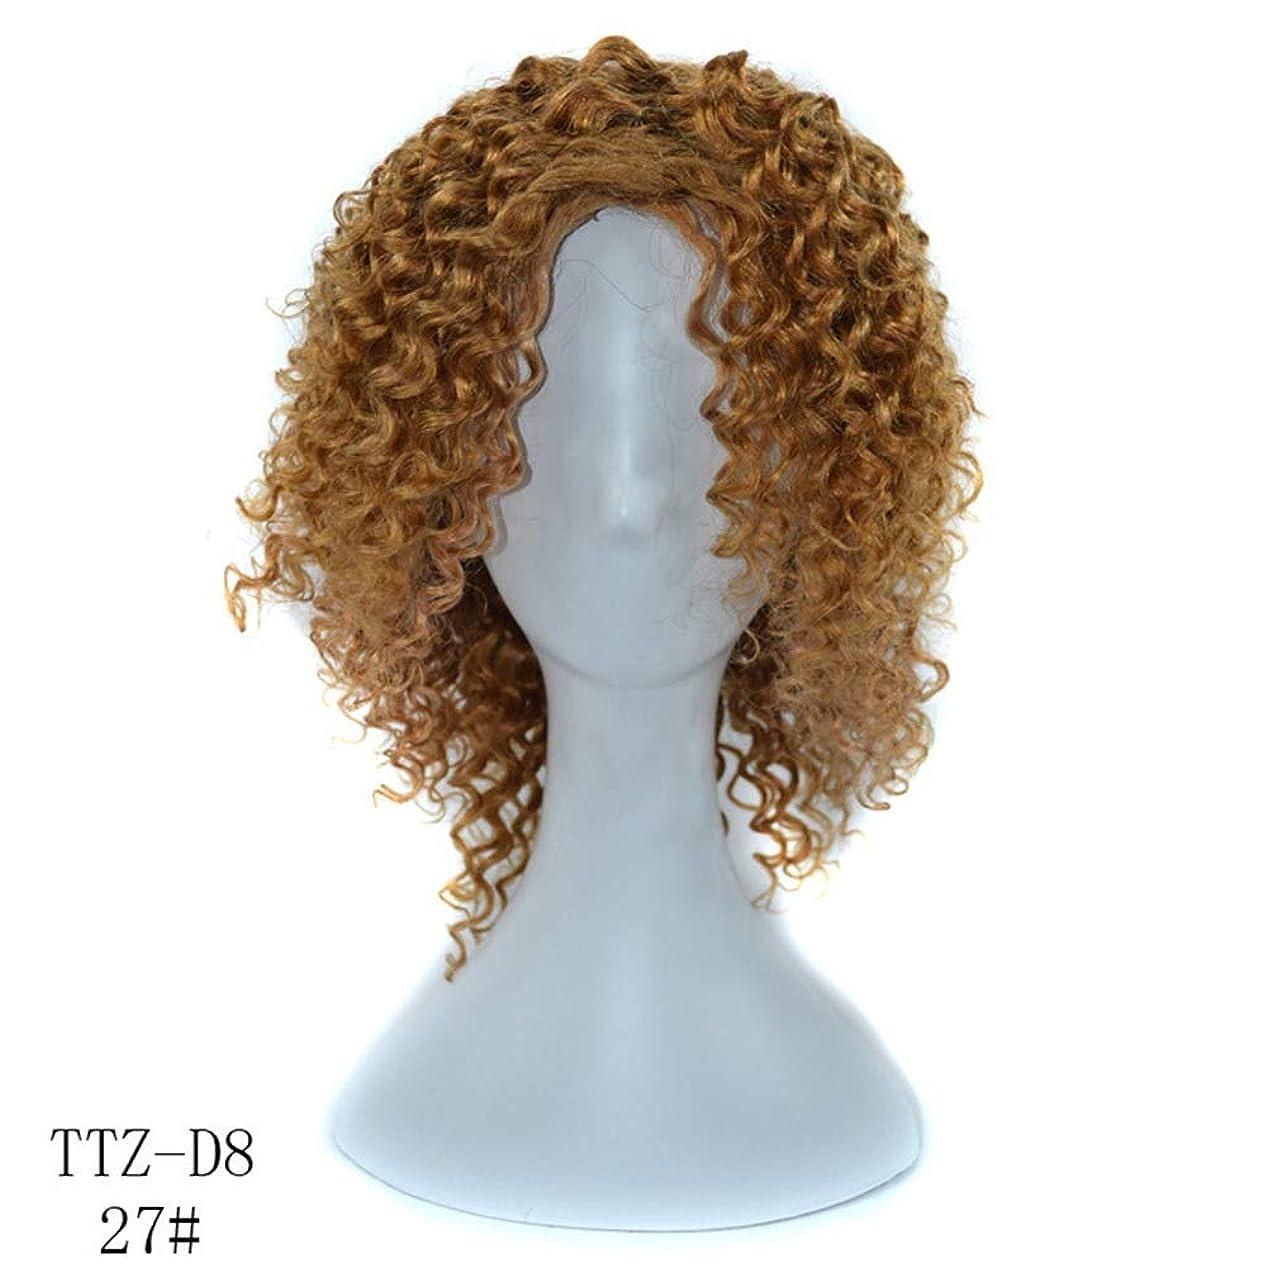 恩赦病なドナーYrattary 100%本物の人間の髪の毛の深いカーリーライトボーンウィッグ14インチ220グラム髪フルヘッド女性のかつらのかつら (Color : Light bown, サイズ : 14 inch)